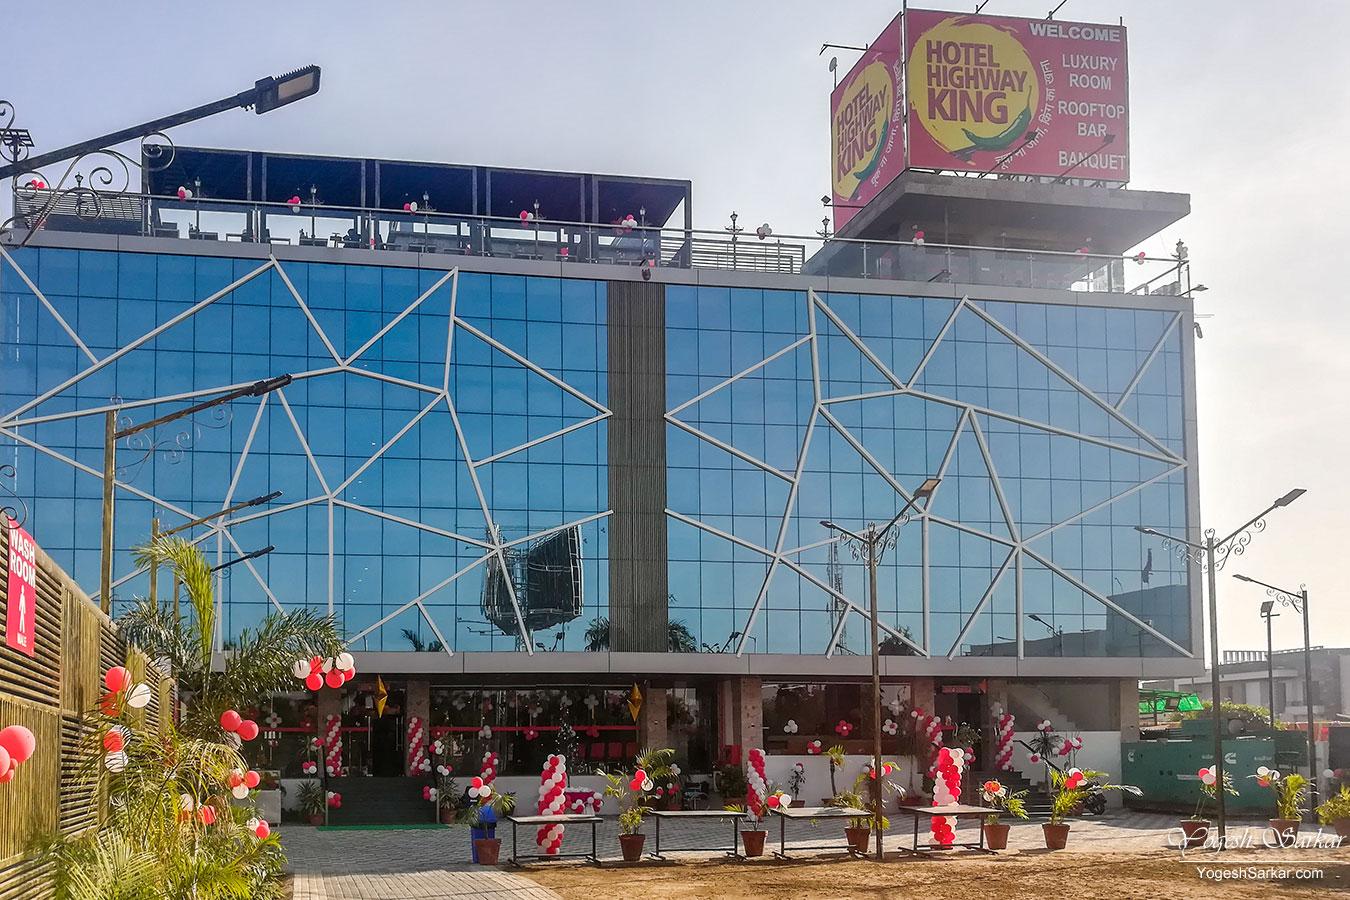 08-hotel-highway-king-jaipur.jpg